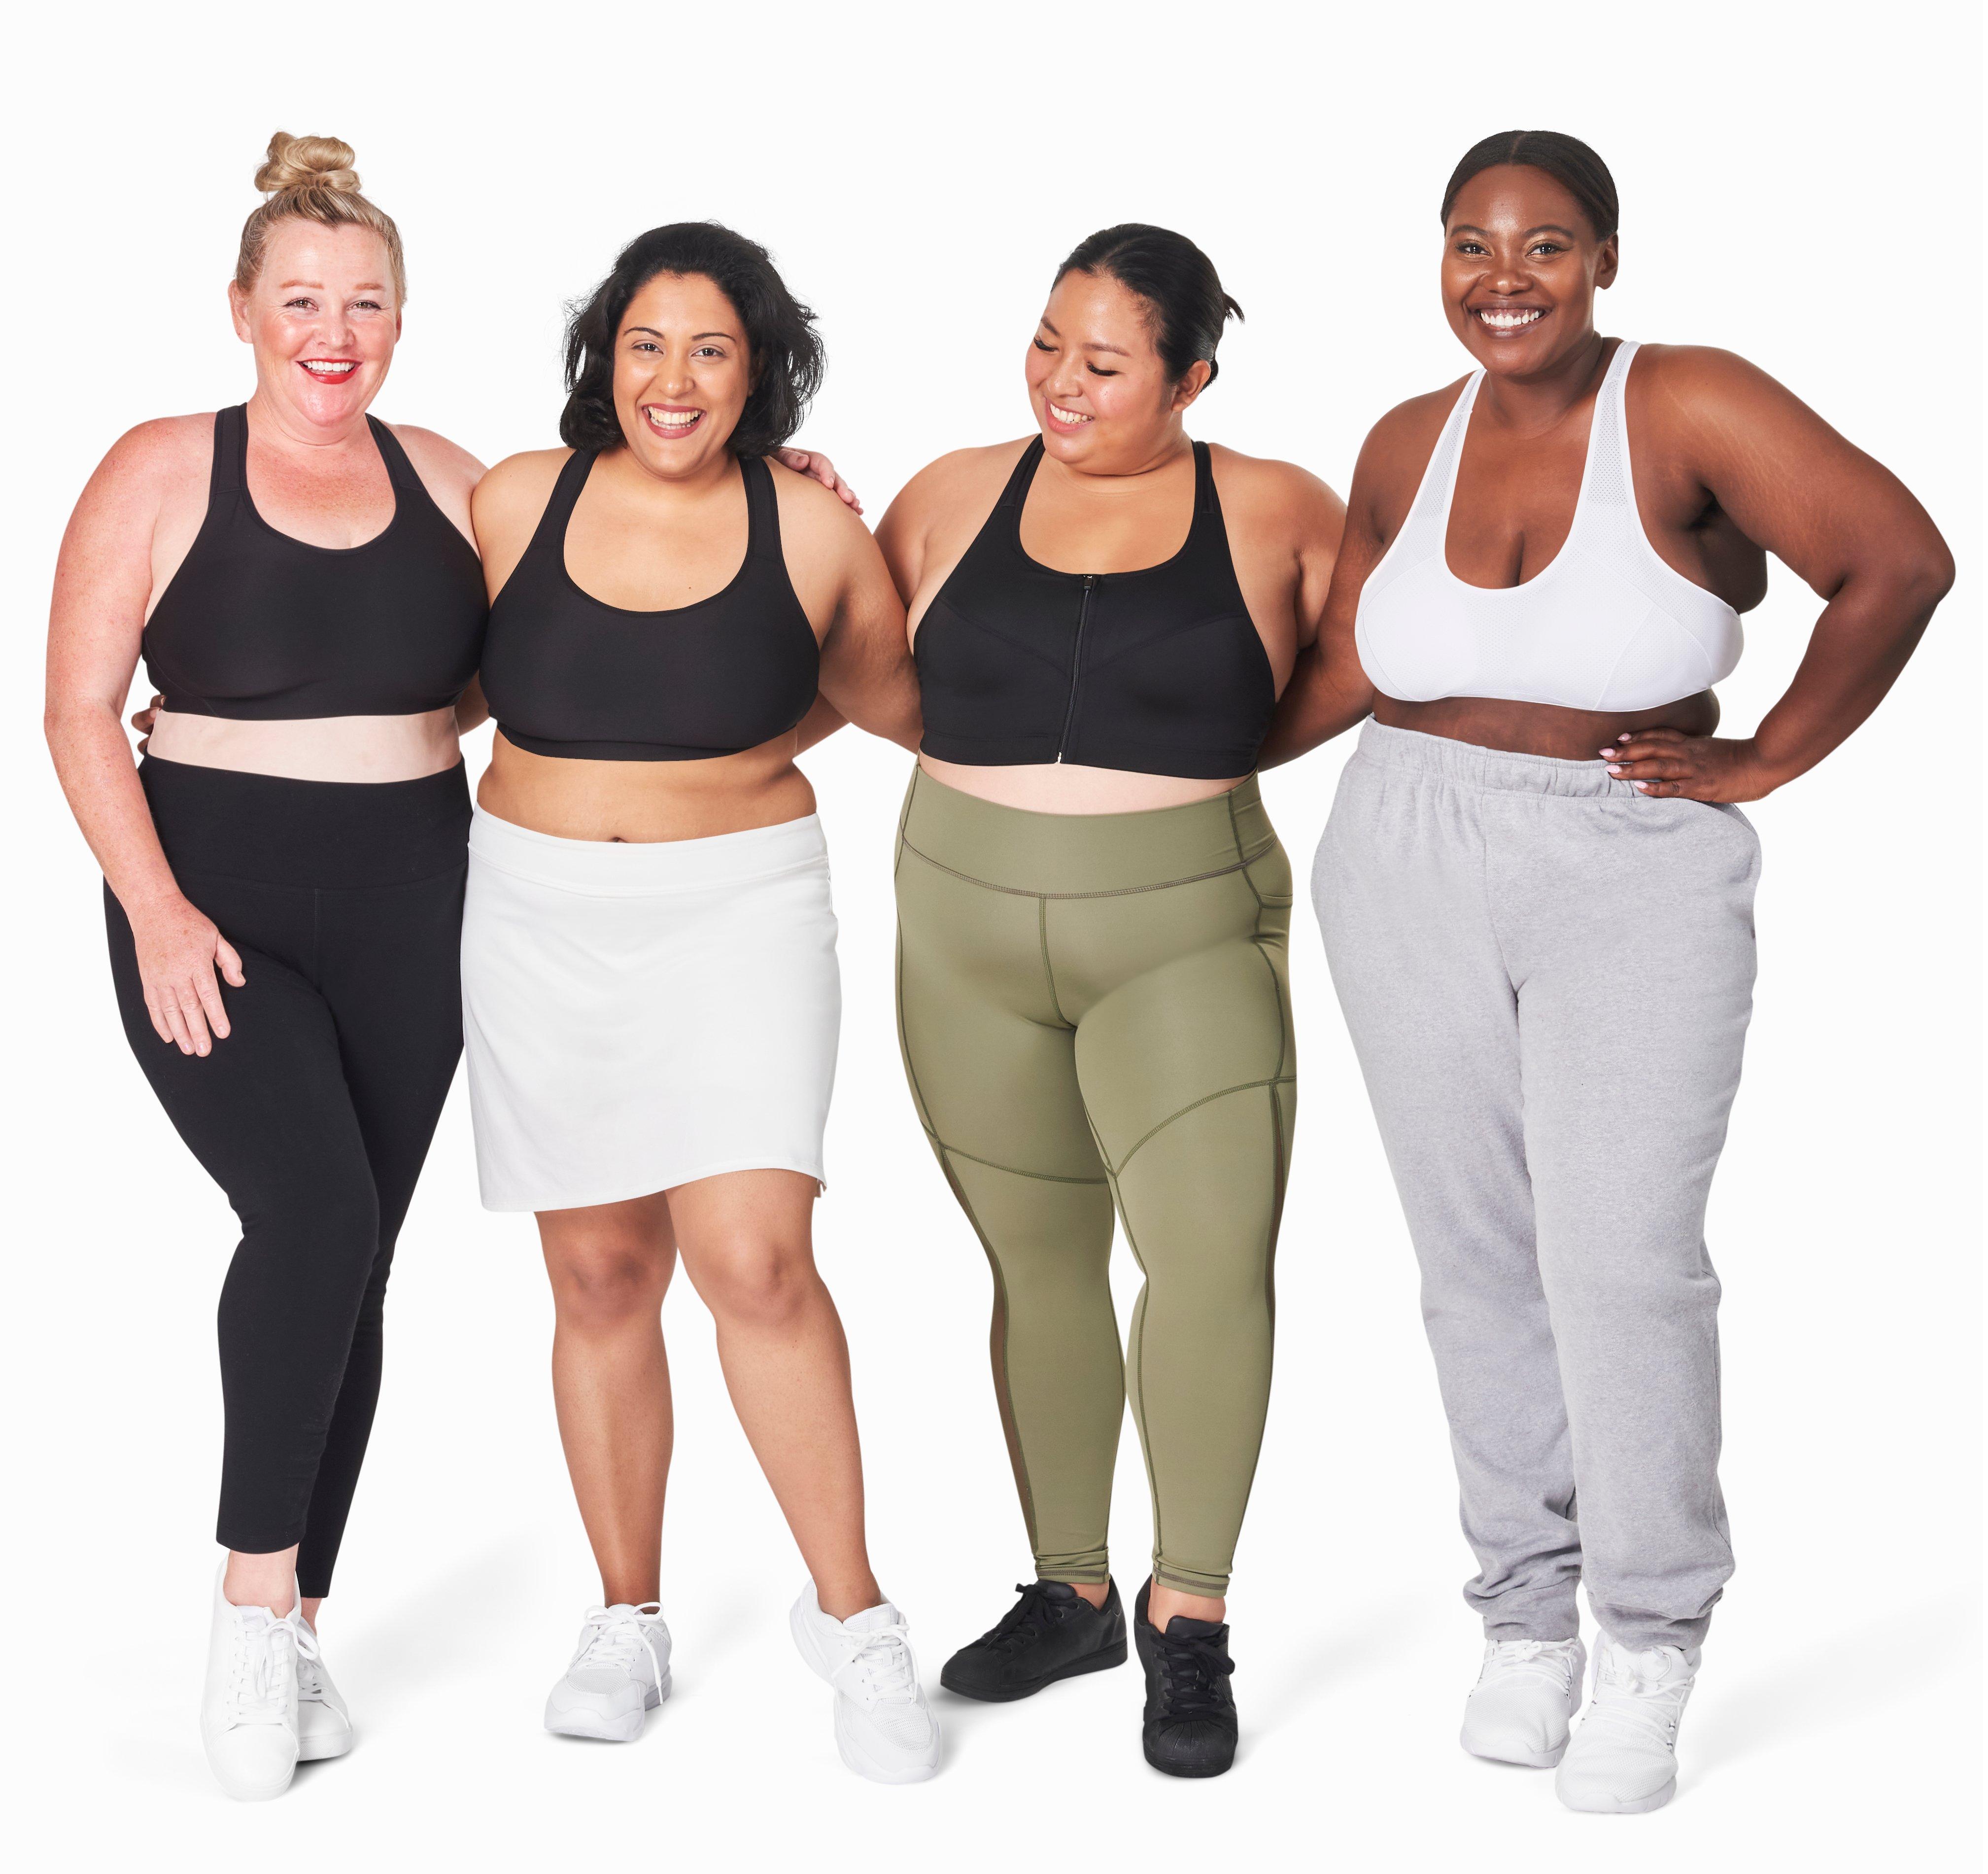 body-positivity-diverse-curvy-women-sportswear-UGTA3KD